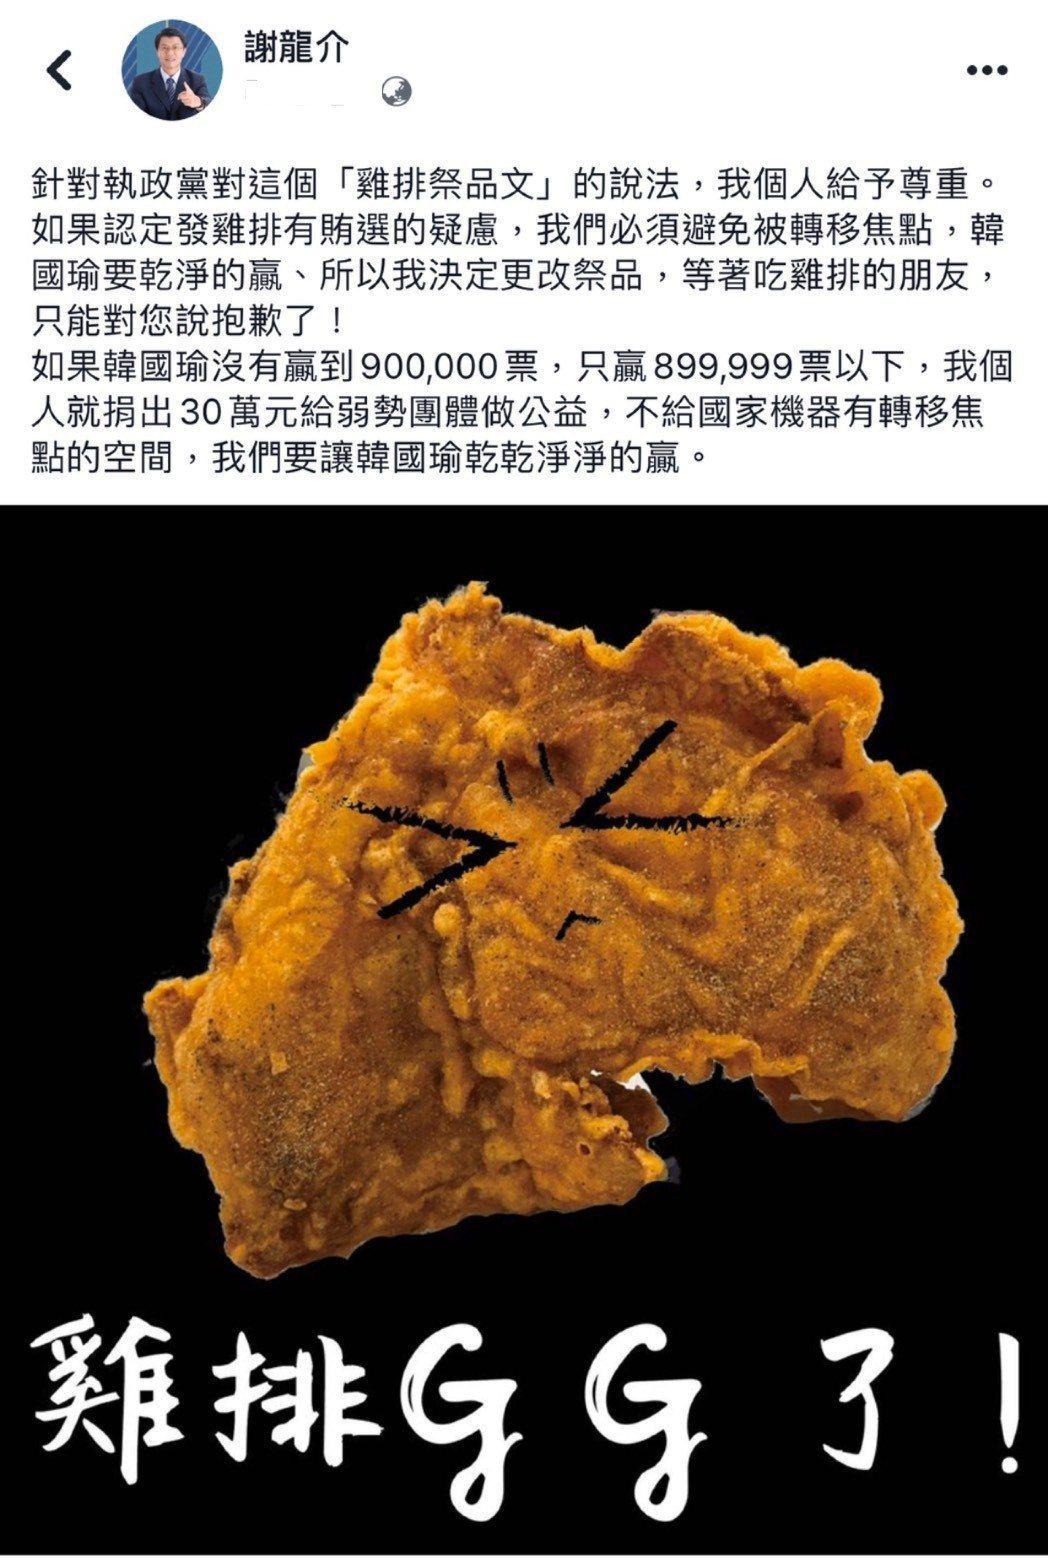 謝龍介改雞排祭品文。圖/國民黨台南市黨部提供